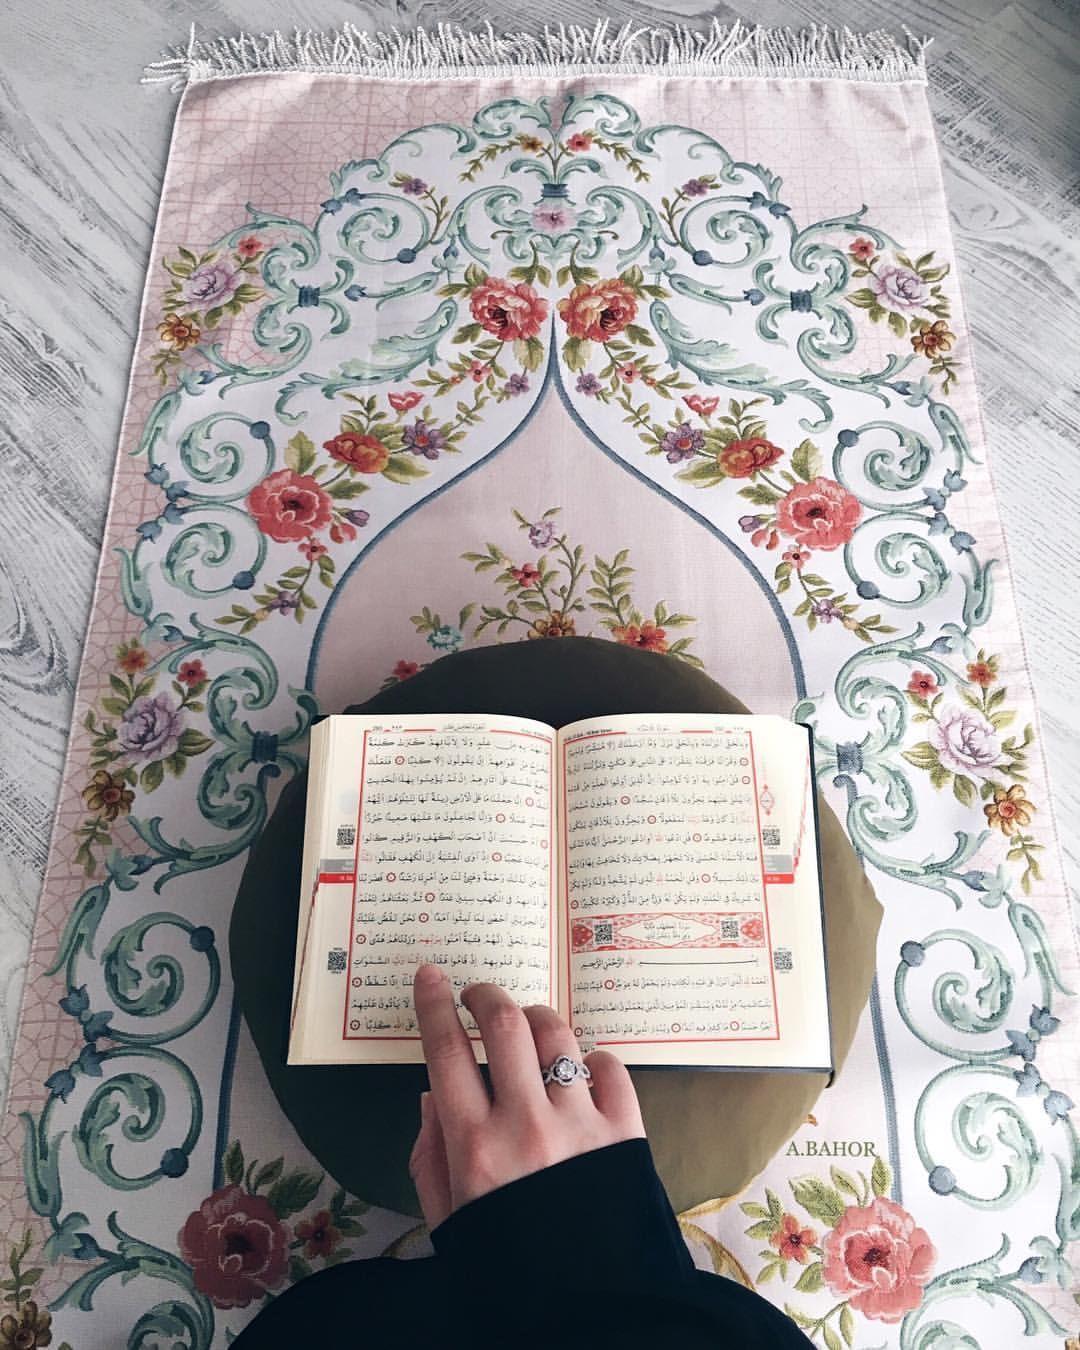 Обои свеча, книга, религия, Ислам, Коран, Арабская вязь картинки на рабочий  стол, раздел разное - скачать | 1350x1080